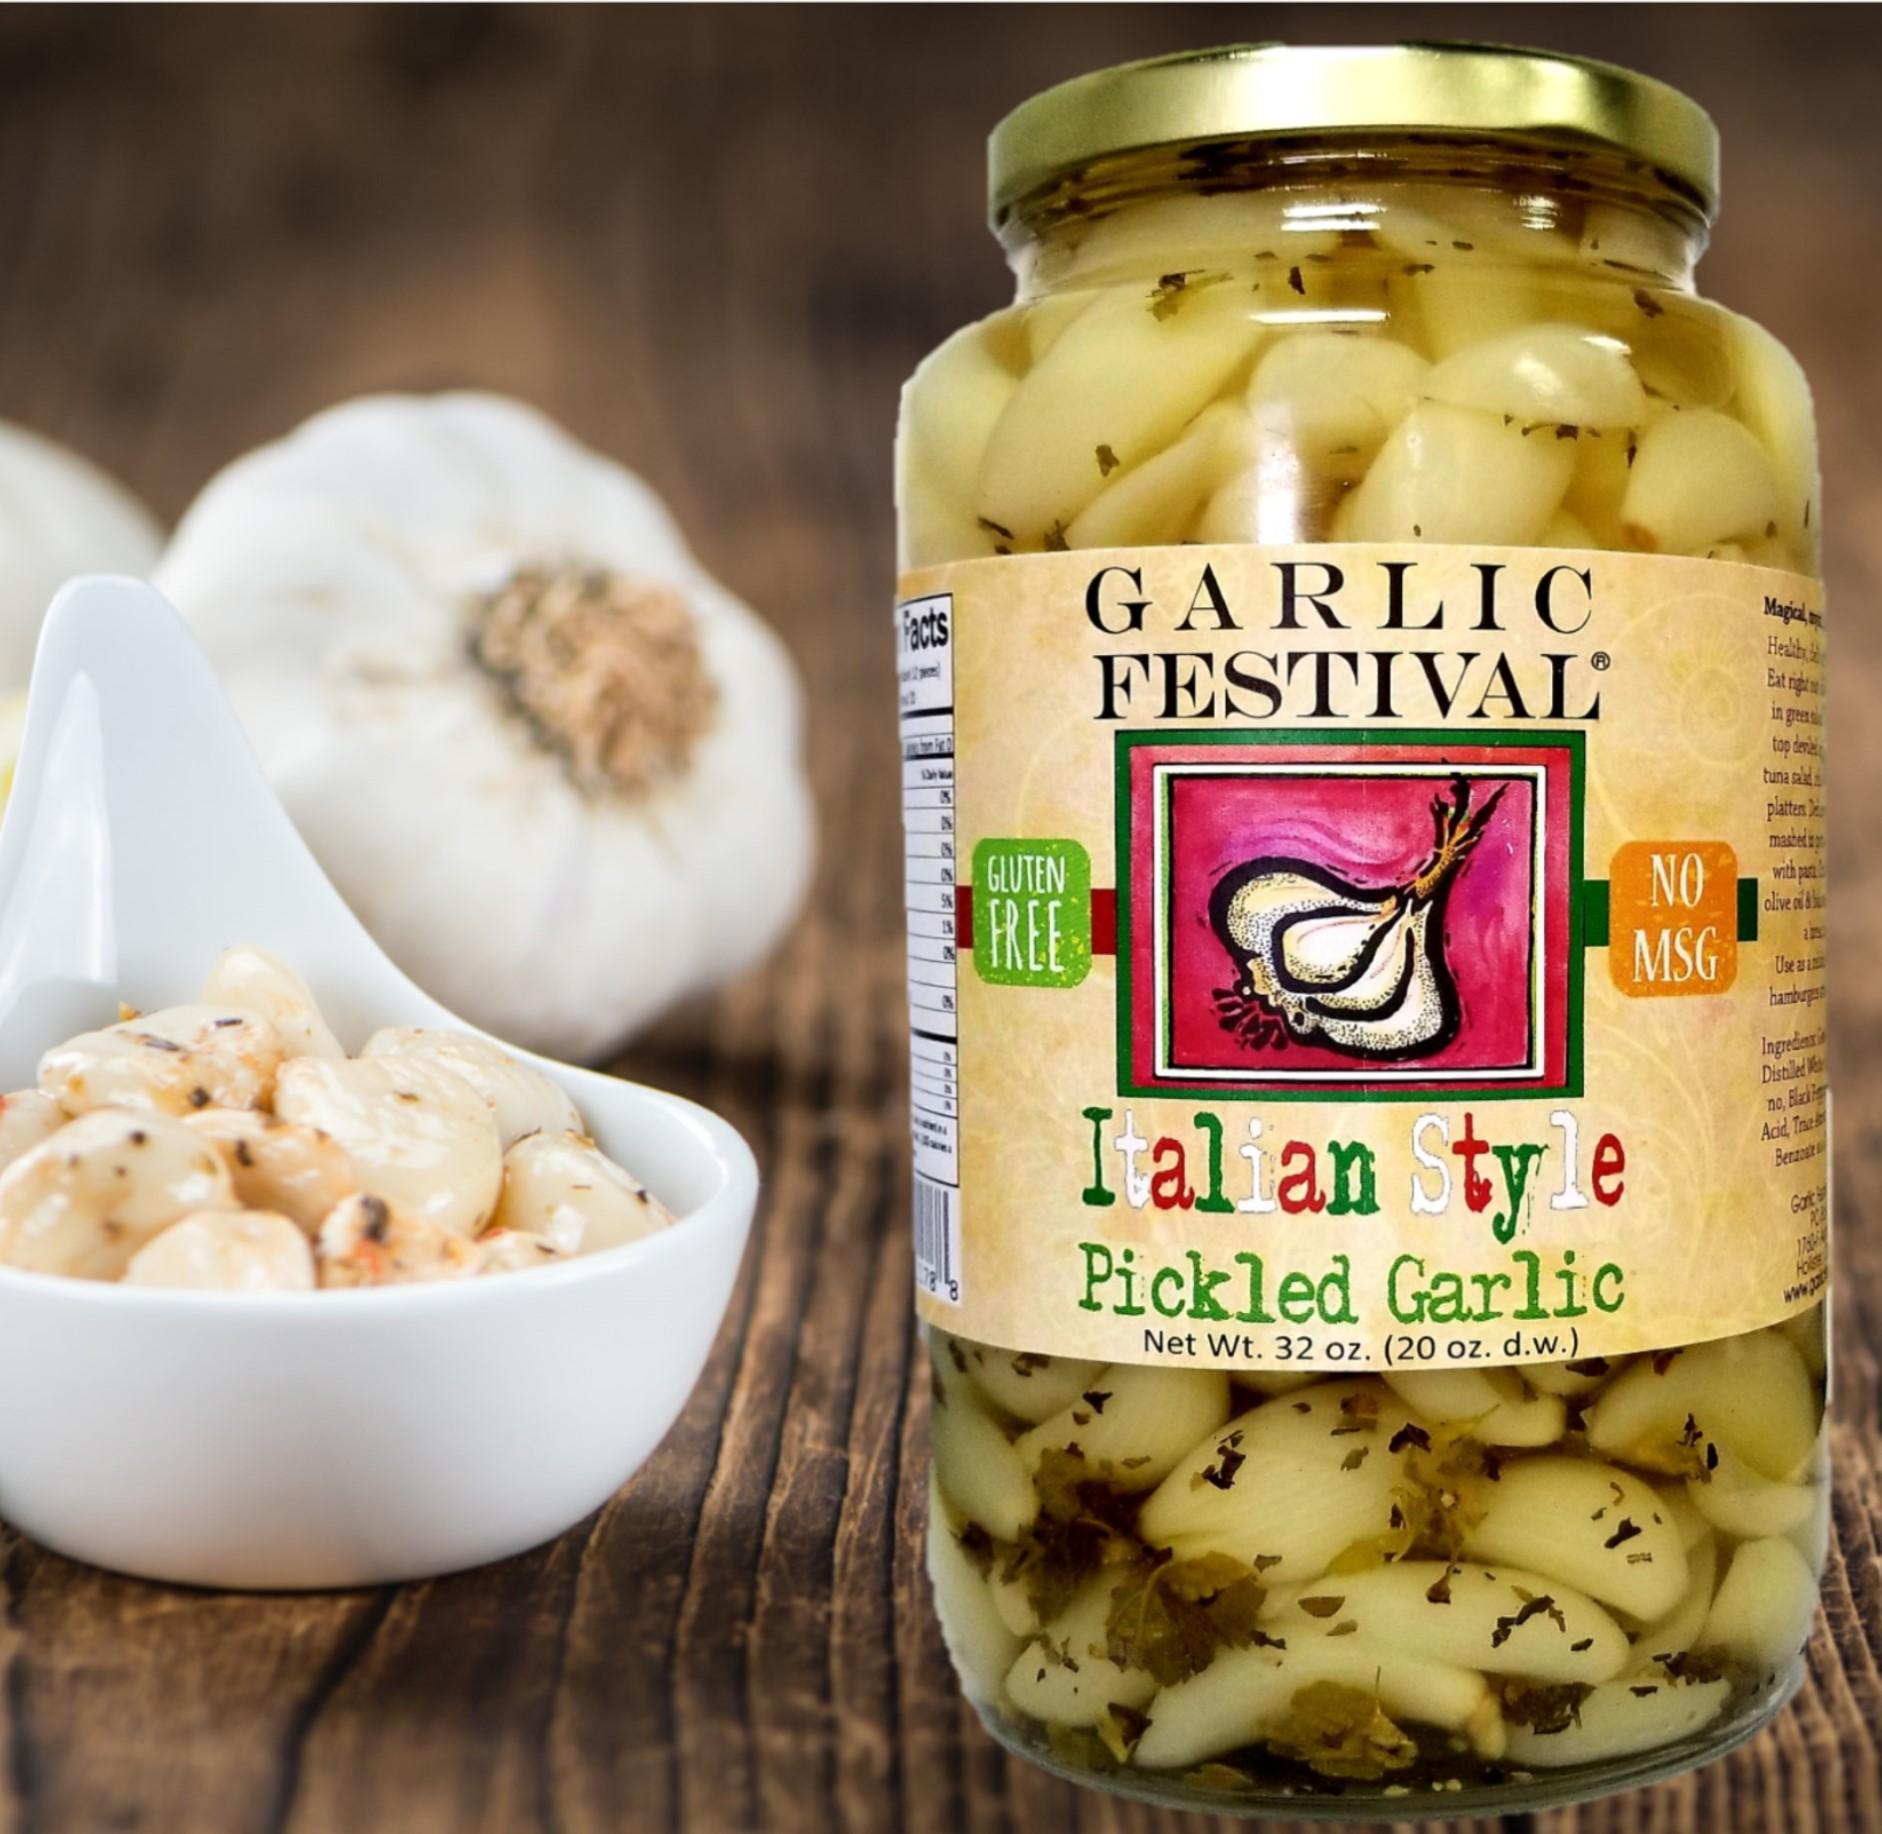 Italian Style Pickled Garlic Quart Case Of 4 Quarts